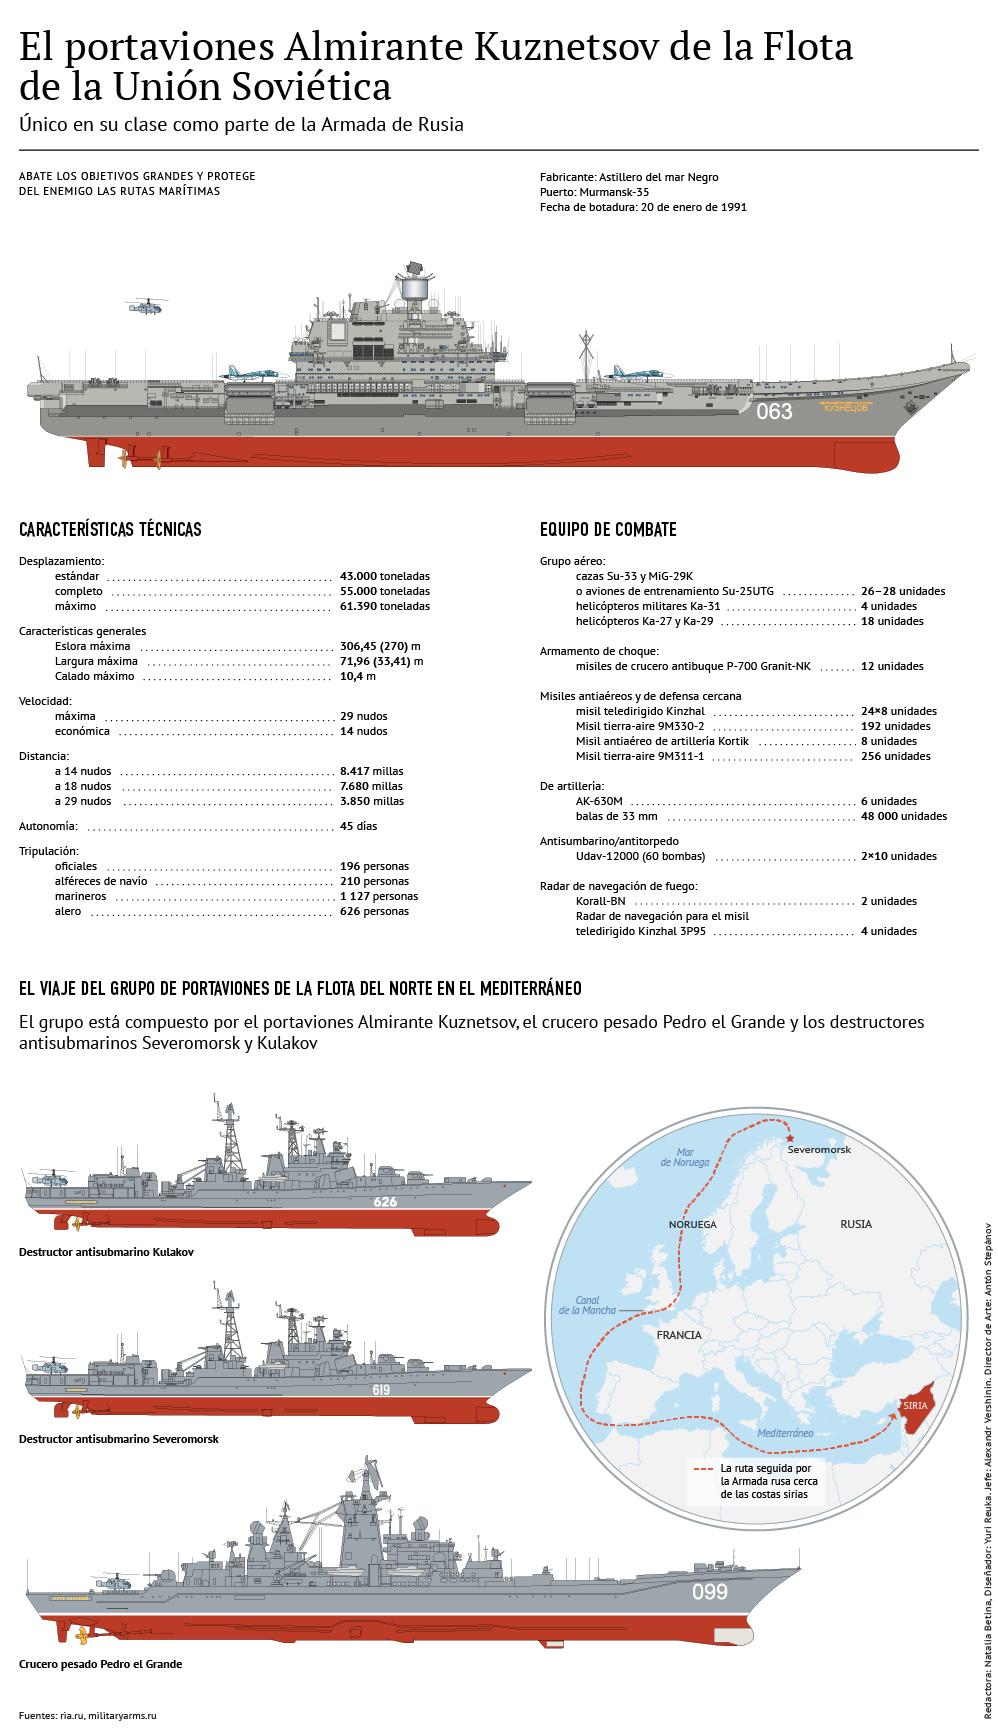 El portaviones ruso Almirante Kuznetsov - Sputnik Mundo